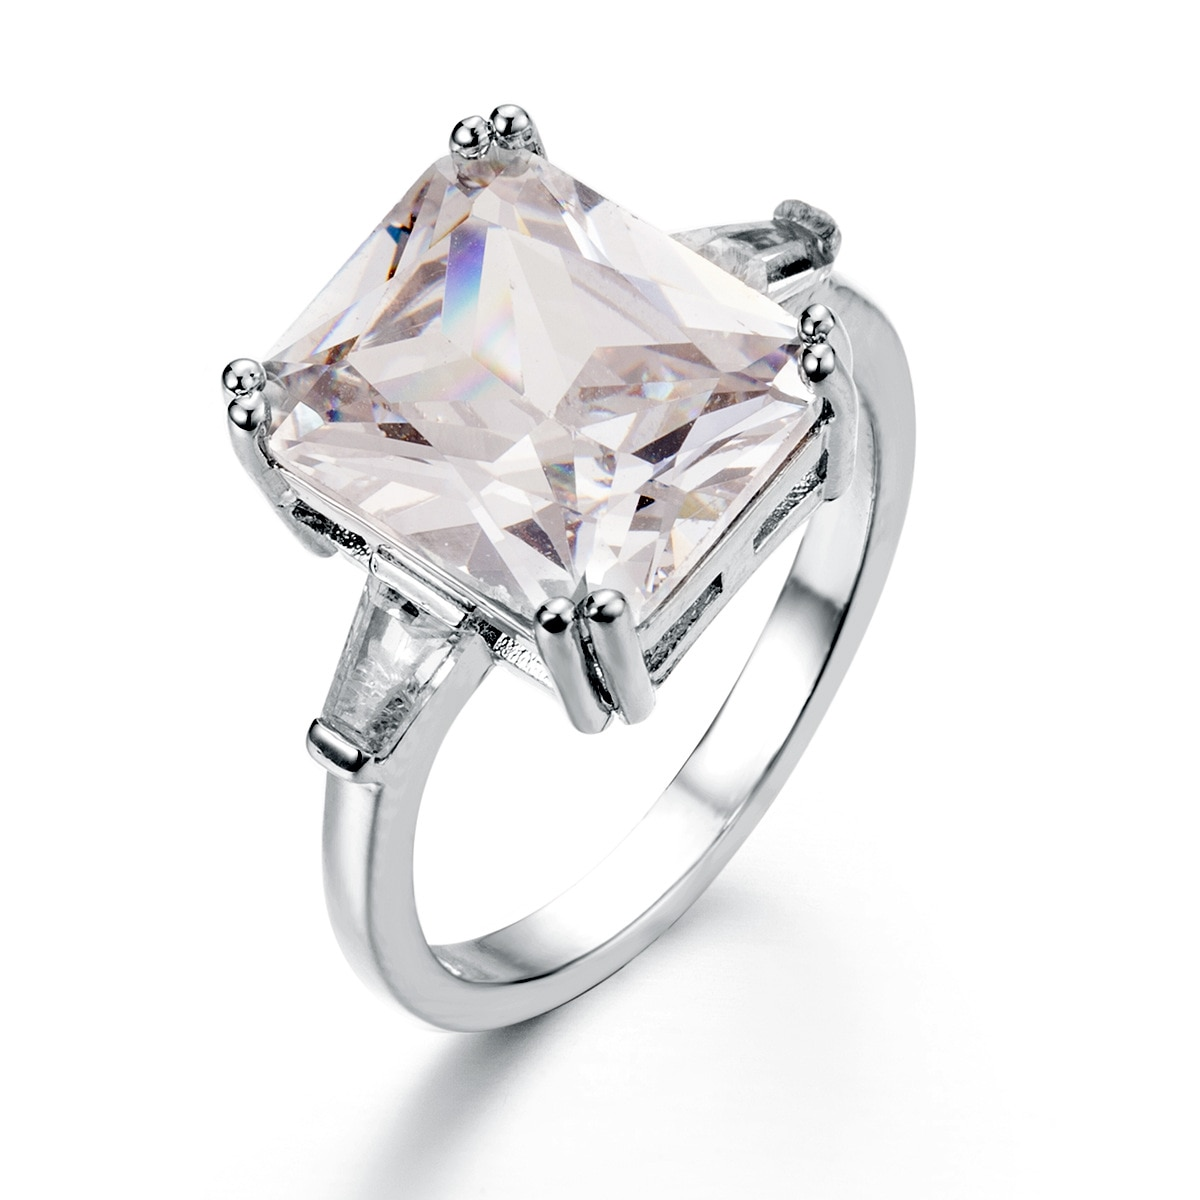 Женское кольцо из серебра 925 пробы с инкрустированным белым золотом и цирконием, обручальные свадебные подарки, серебряные ювелирные издел...